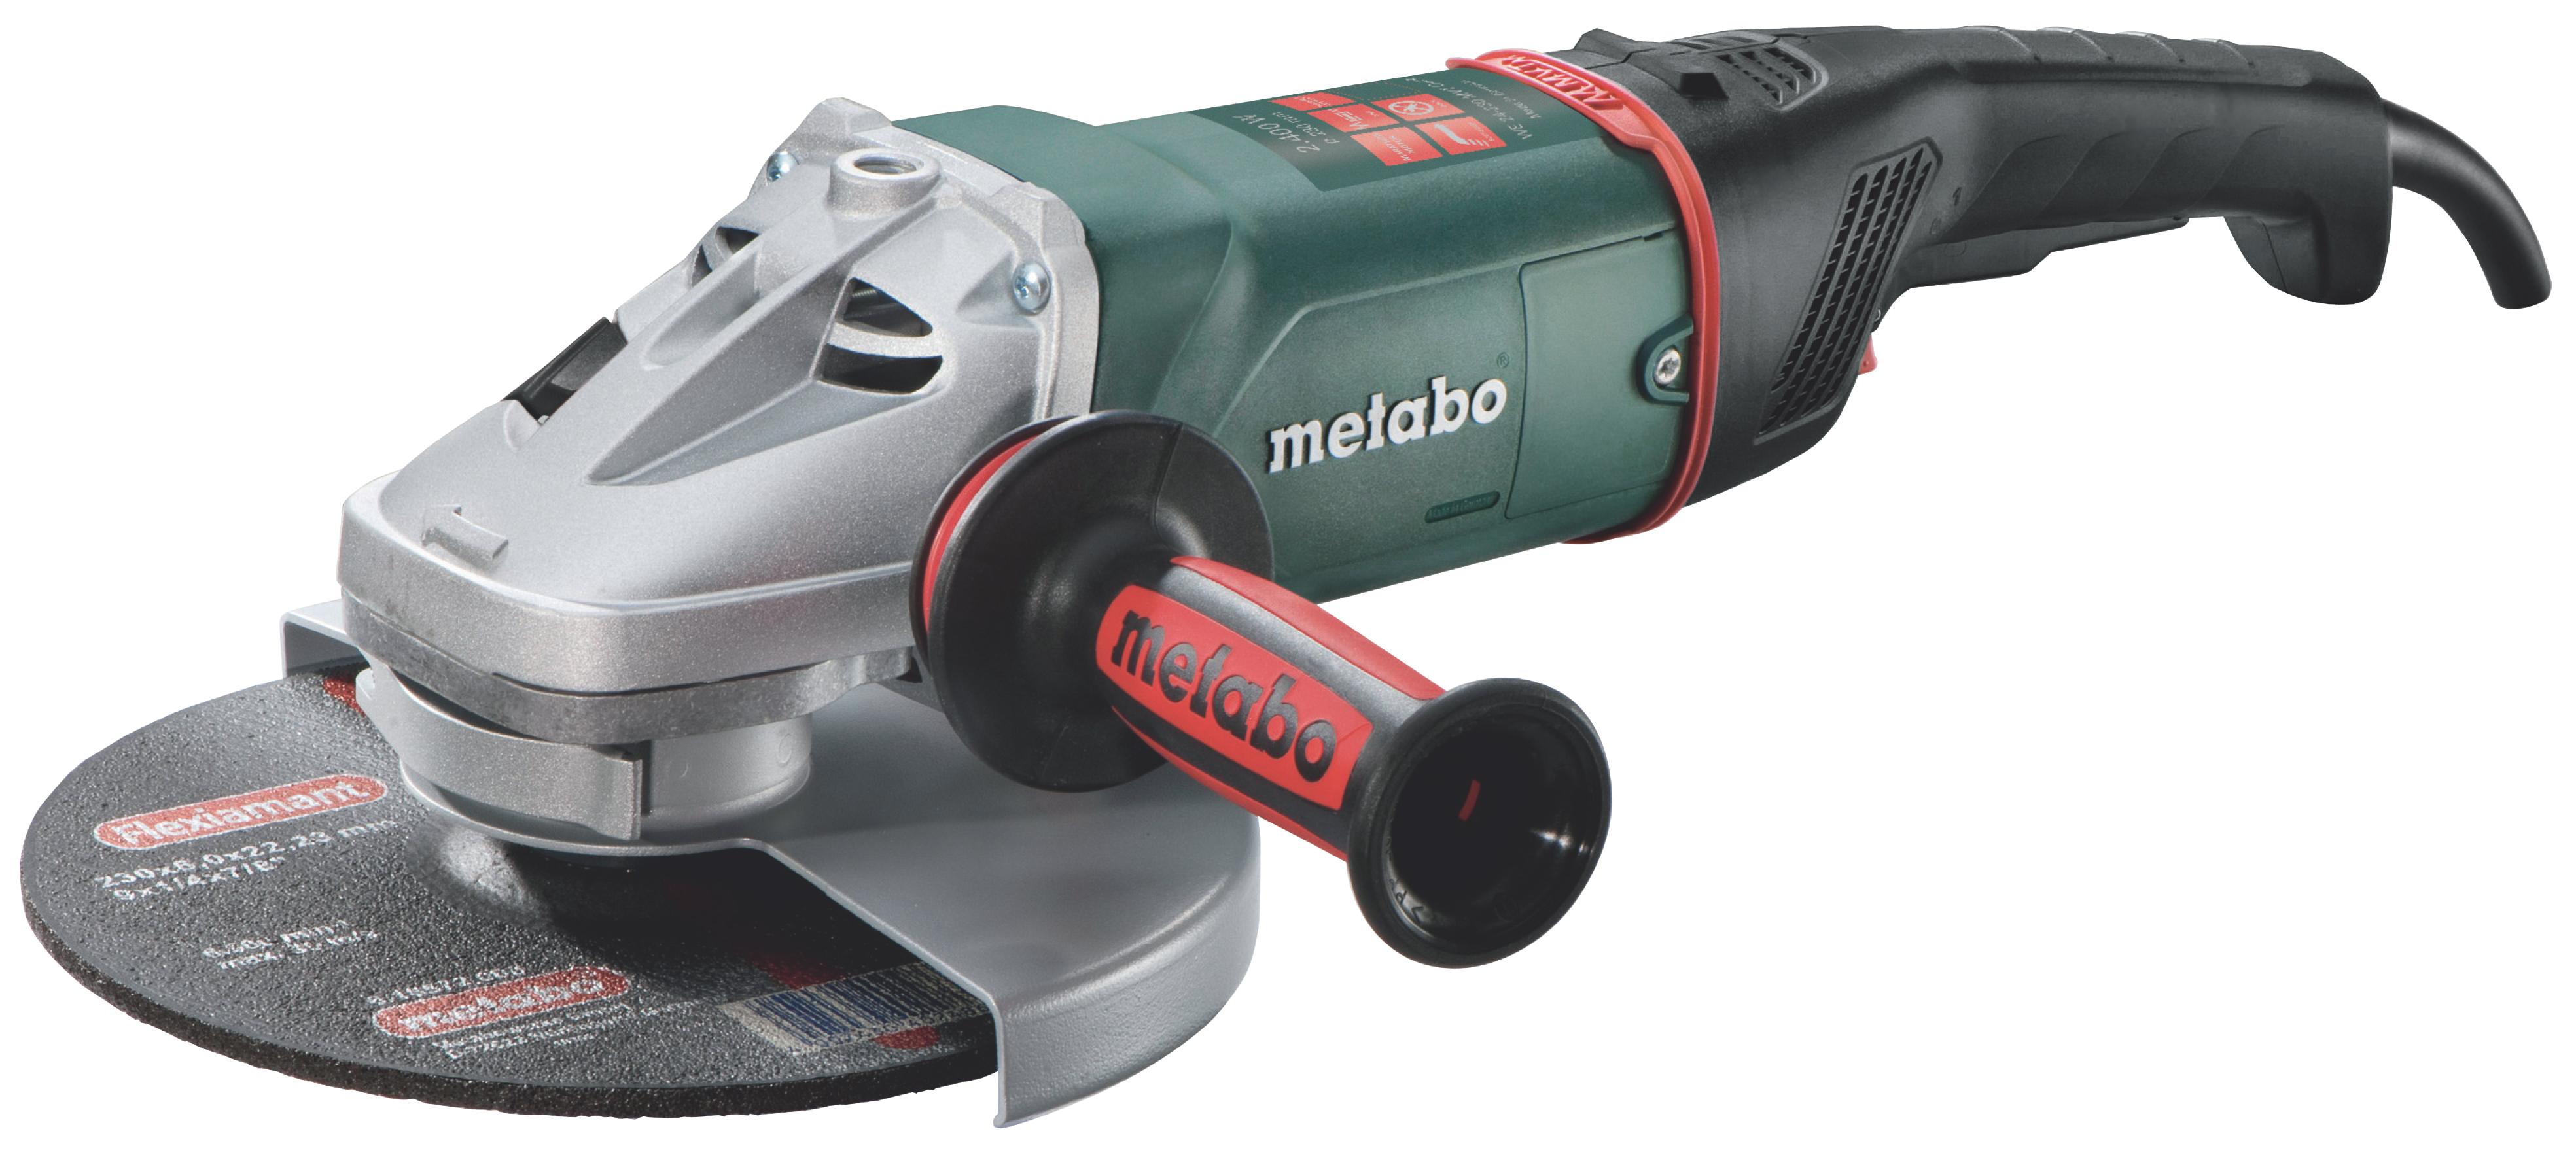 Угловая шлифмашина Metabo W 24-230 MVT [606467000]Шлифовальные и заточные машины<br>Комплект поставки:<br>- Metabo W 24-230 MVT<br>- защитный кожух<br>- антивибрационная боковая рукоятка<br>- ключ<br>- картонная коробка<br> <br>Особенности модели:<br>- Долговечность - Корпус редуктора угловой шлифмашины Metabo W 24-230 MVT выполнен из алюминиевого литья под давлением. Это обеспечивает быстрый теплоотвод при работе и увеличивает срок службы.<br>- Удобство - Возможность изменения положения защитного кожуха без использования ключа делает работу с инструментом удобной.<br>- Низкий уровень вибрации - Трехпозиционная дополнительная рукоятка с антивибрационной системой Metabo VibraTech...<br>